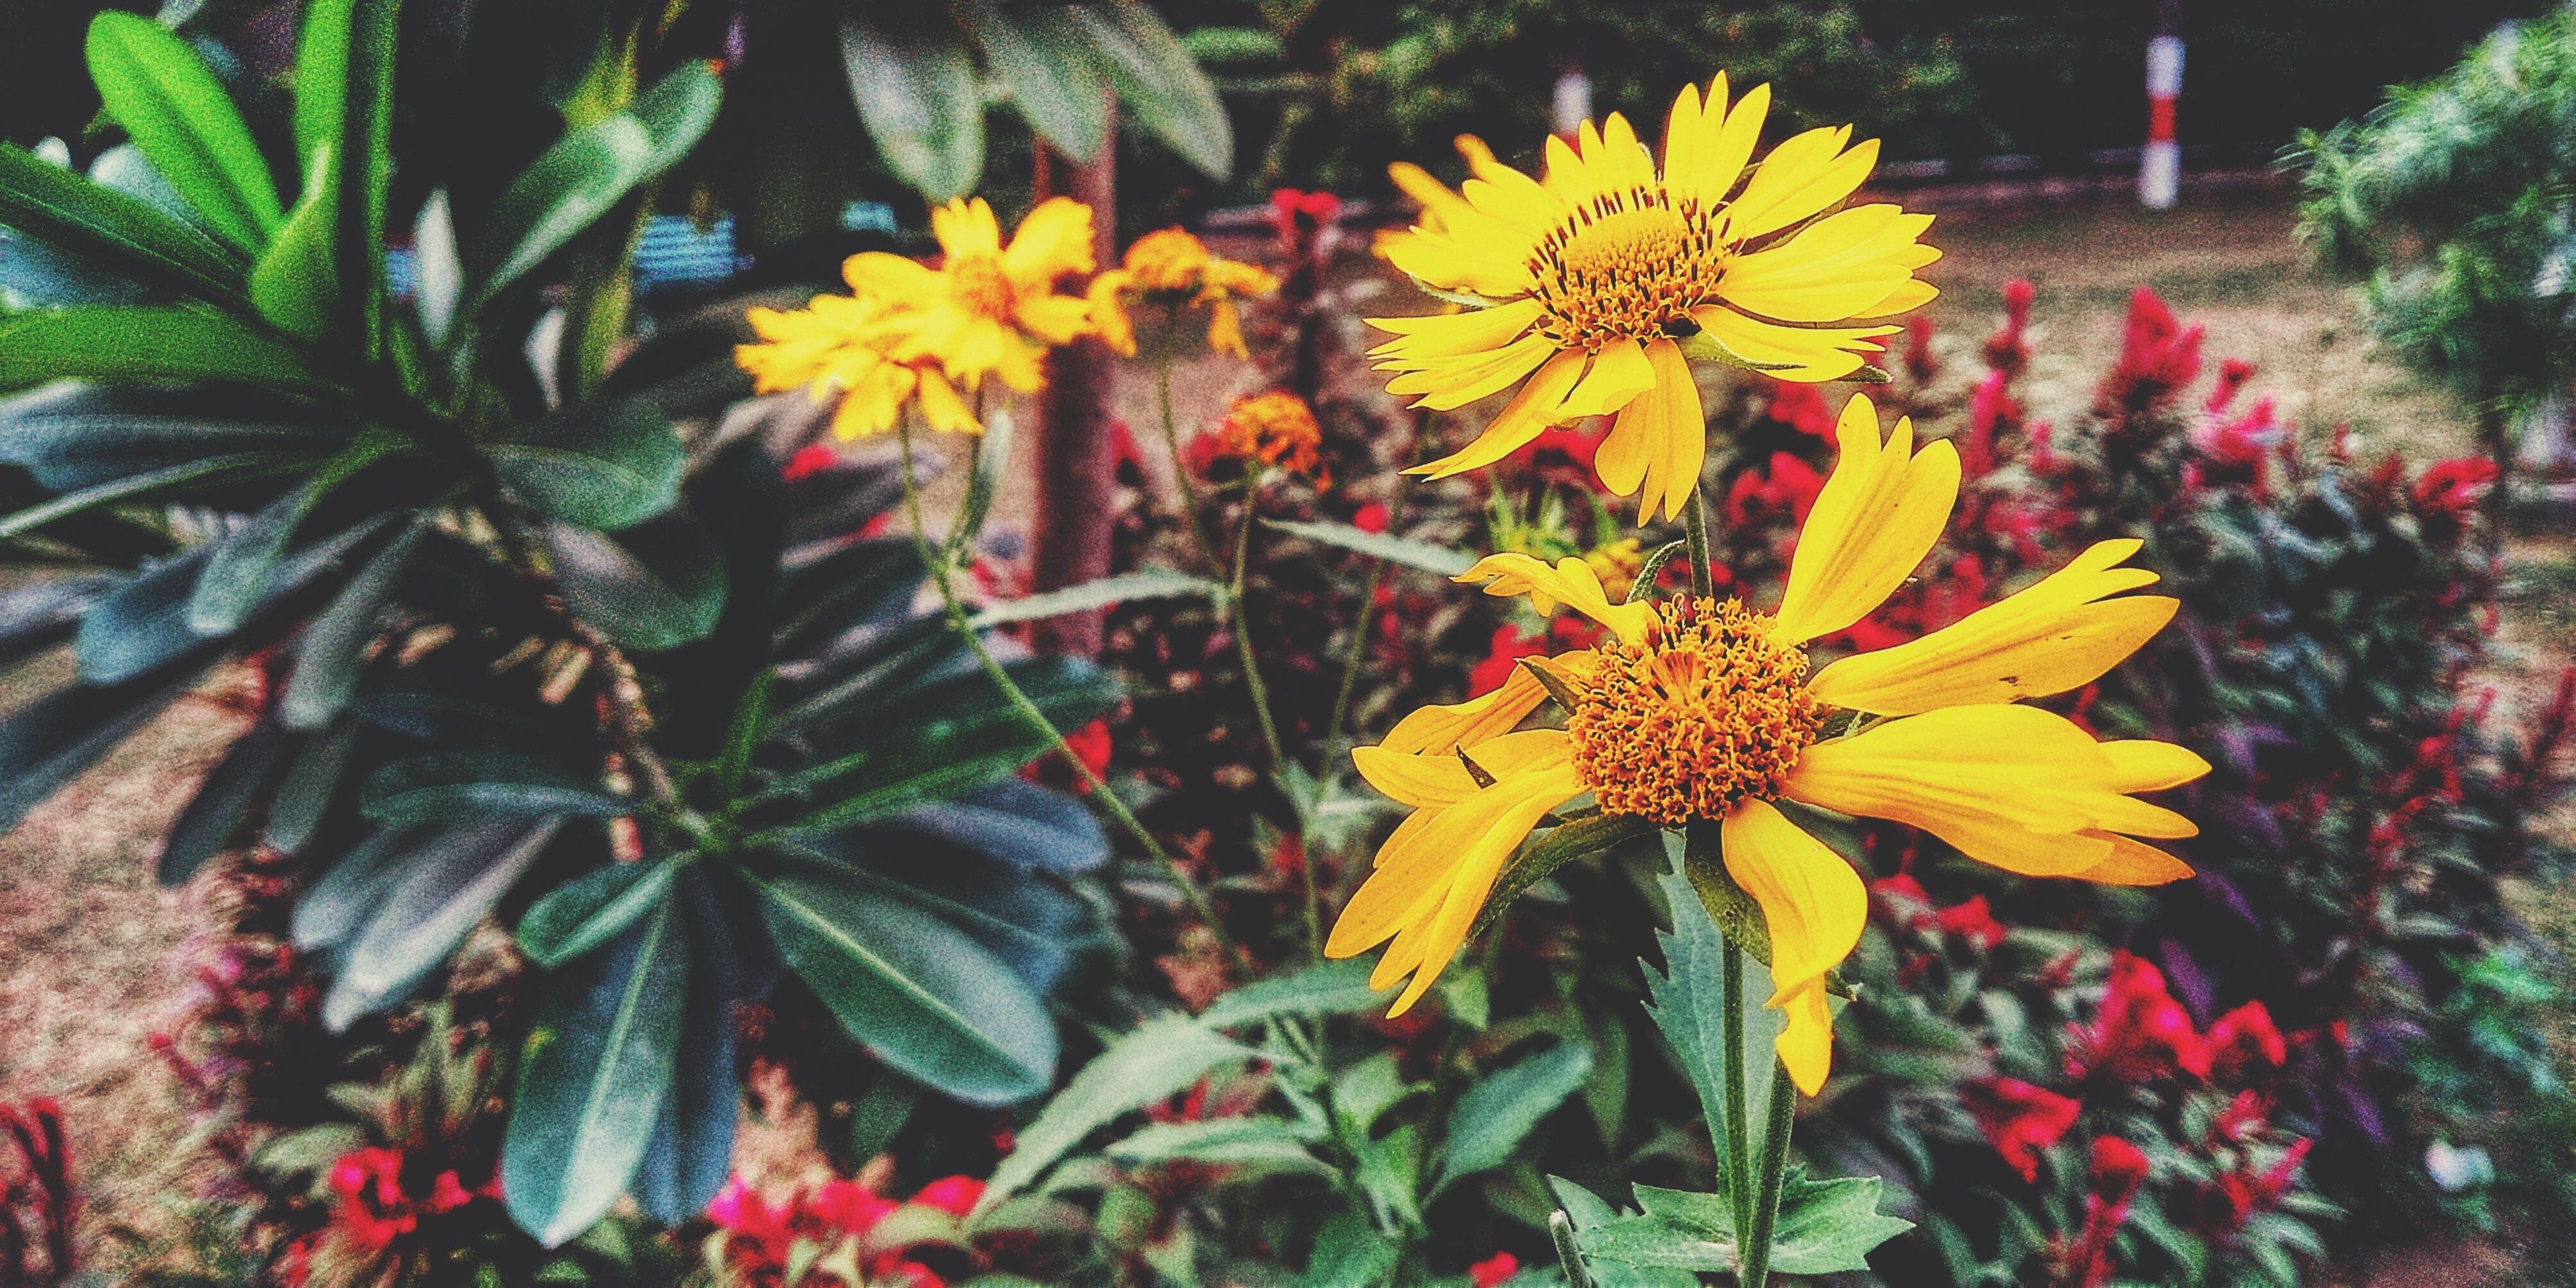 Δωρεάν στοκ φωτογραφιών με #mobilechallenge, #nature #fhotography, #κίτρινος, #λουλούδι